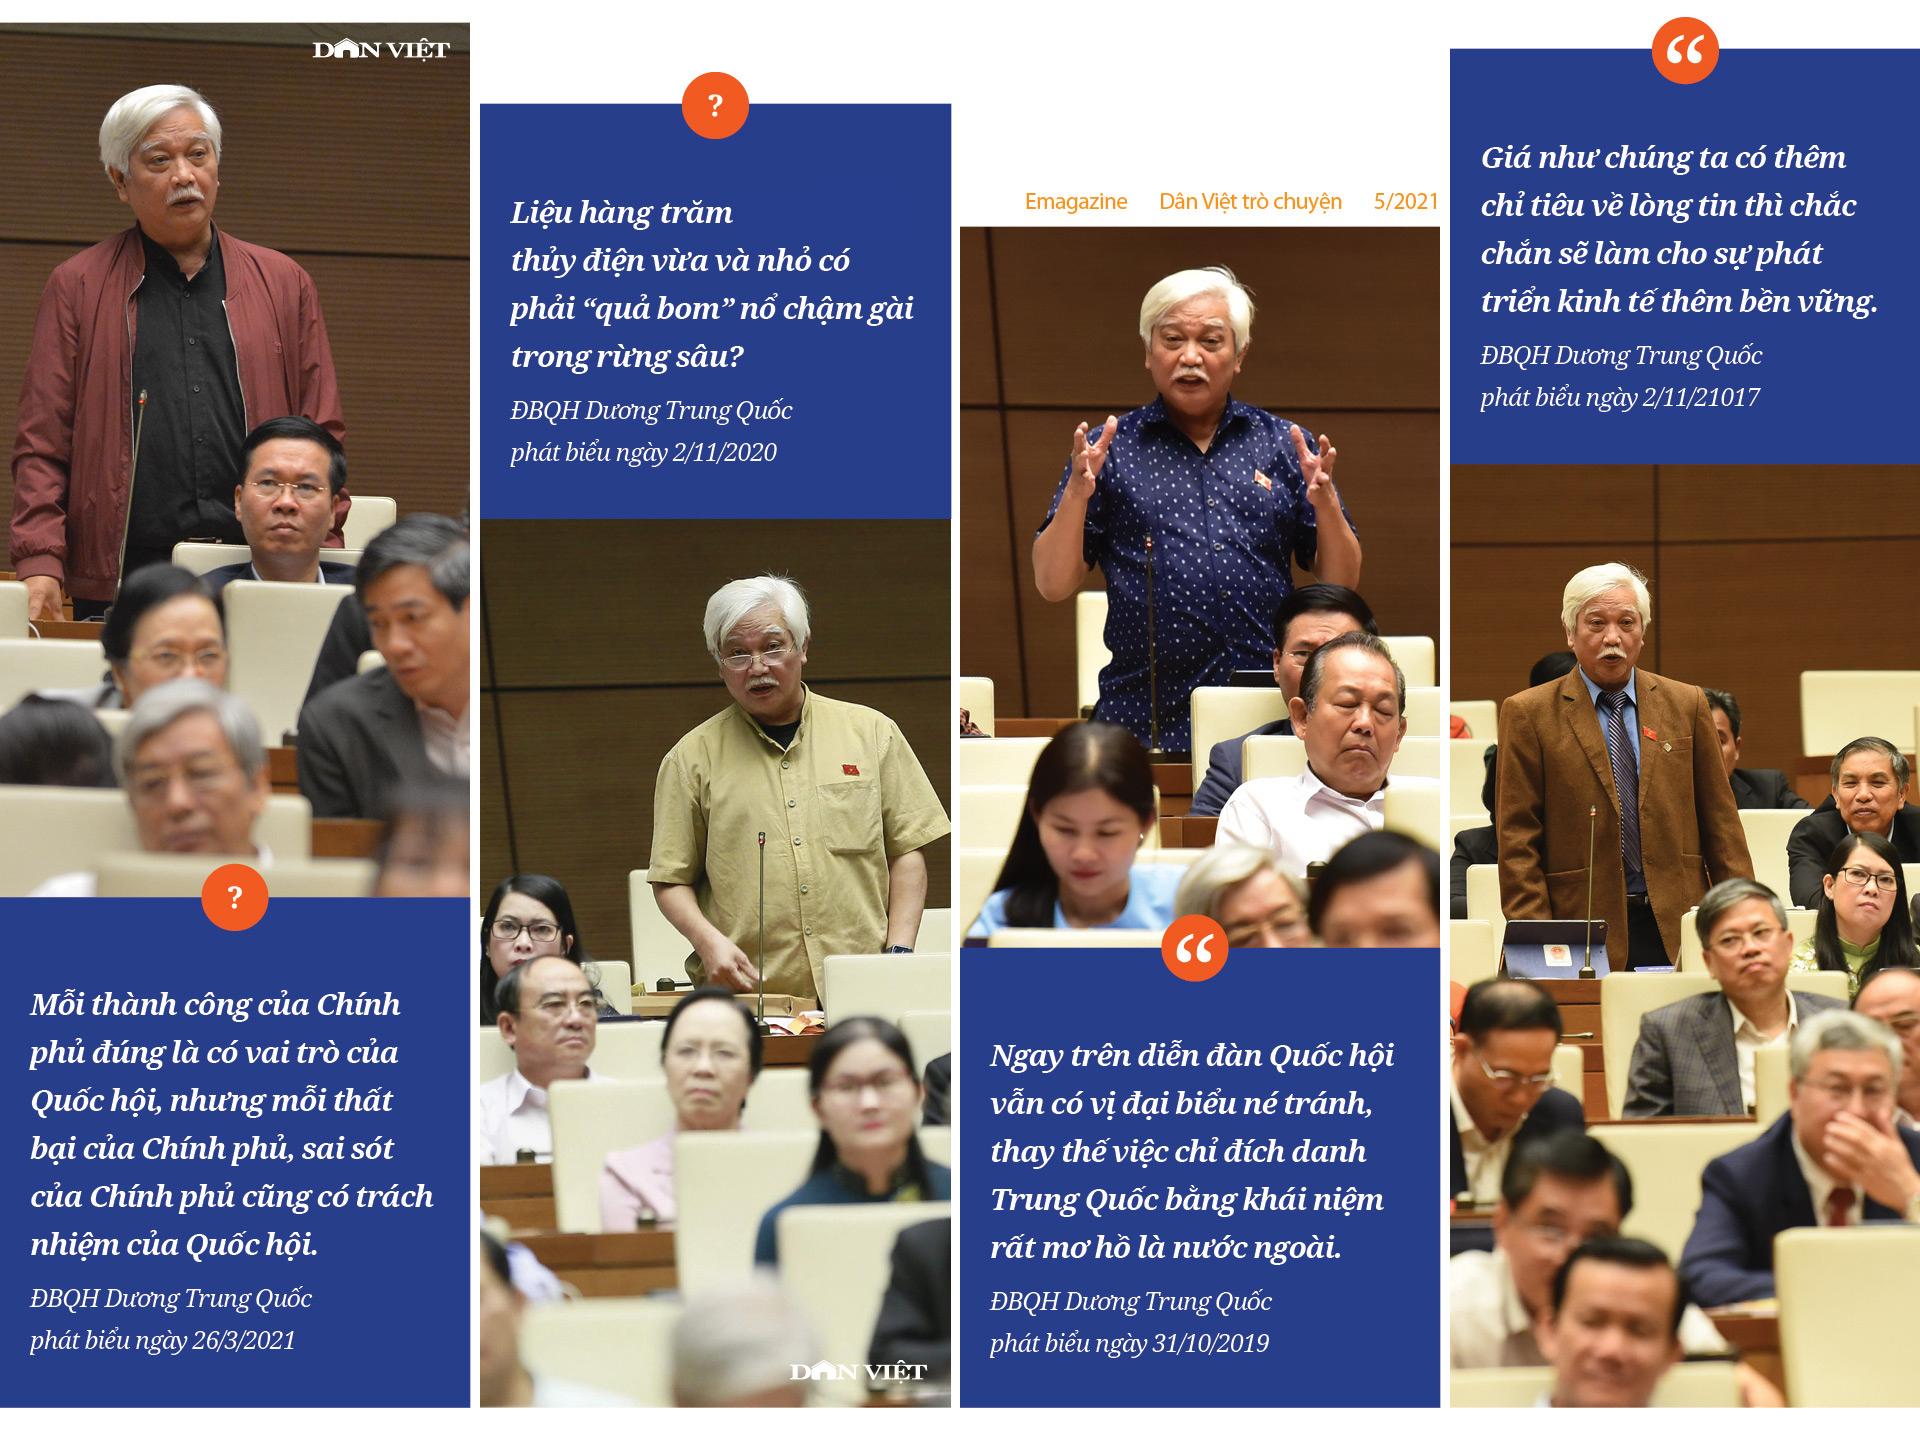 Ông Dương Trung Quốc chia sẻ những chuyện ít người biết sau 20 năm gắn bó nghị trường - Ảnh 18.